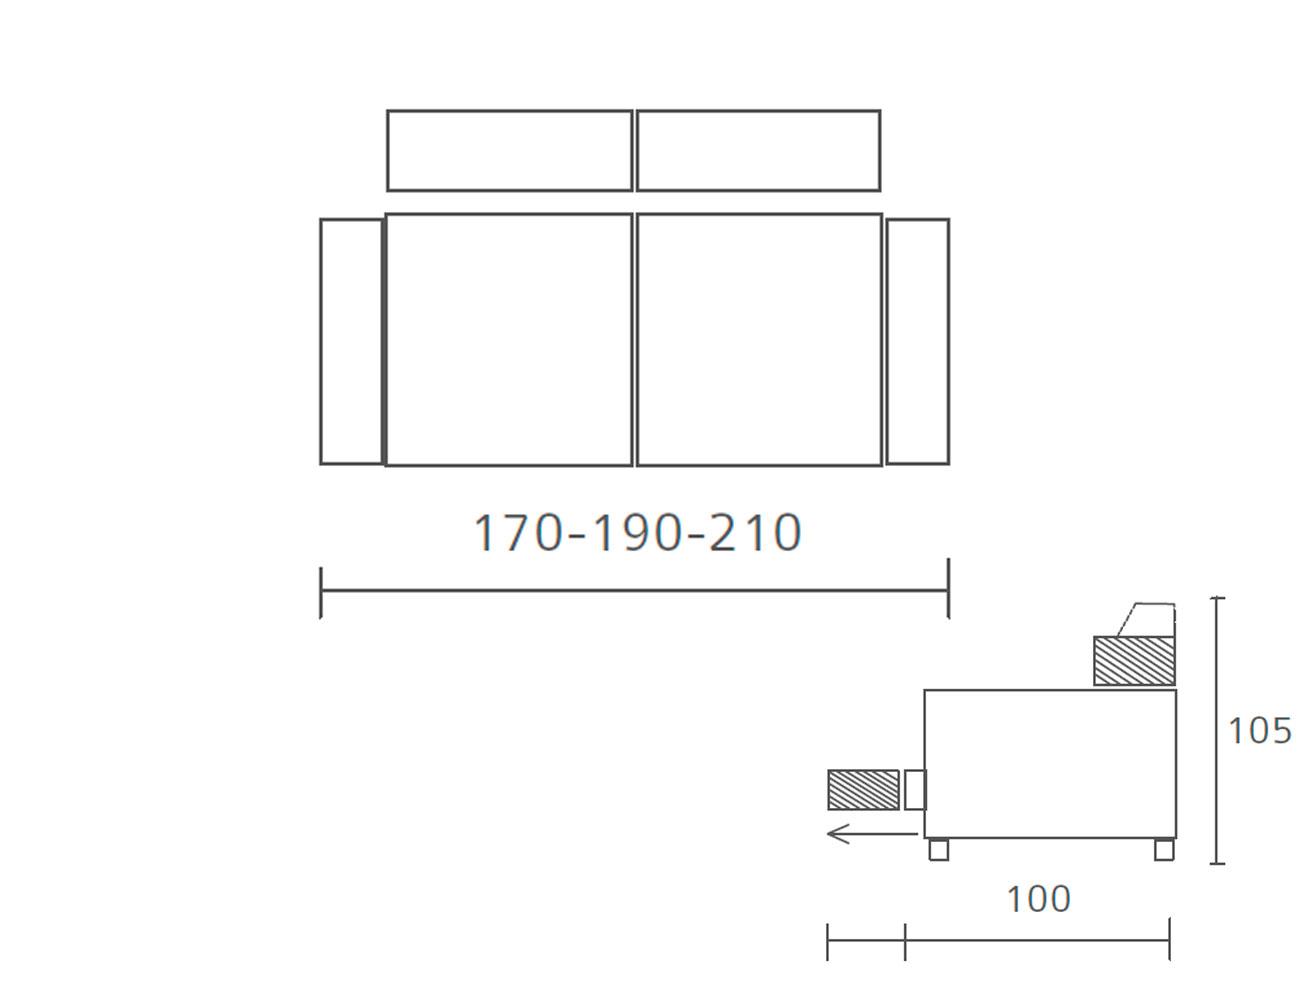 Sofa 120 190 21012